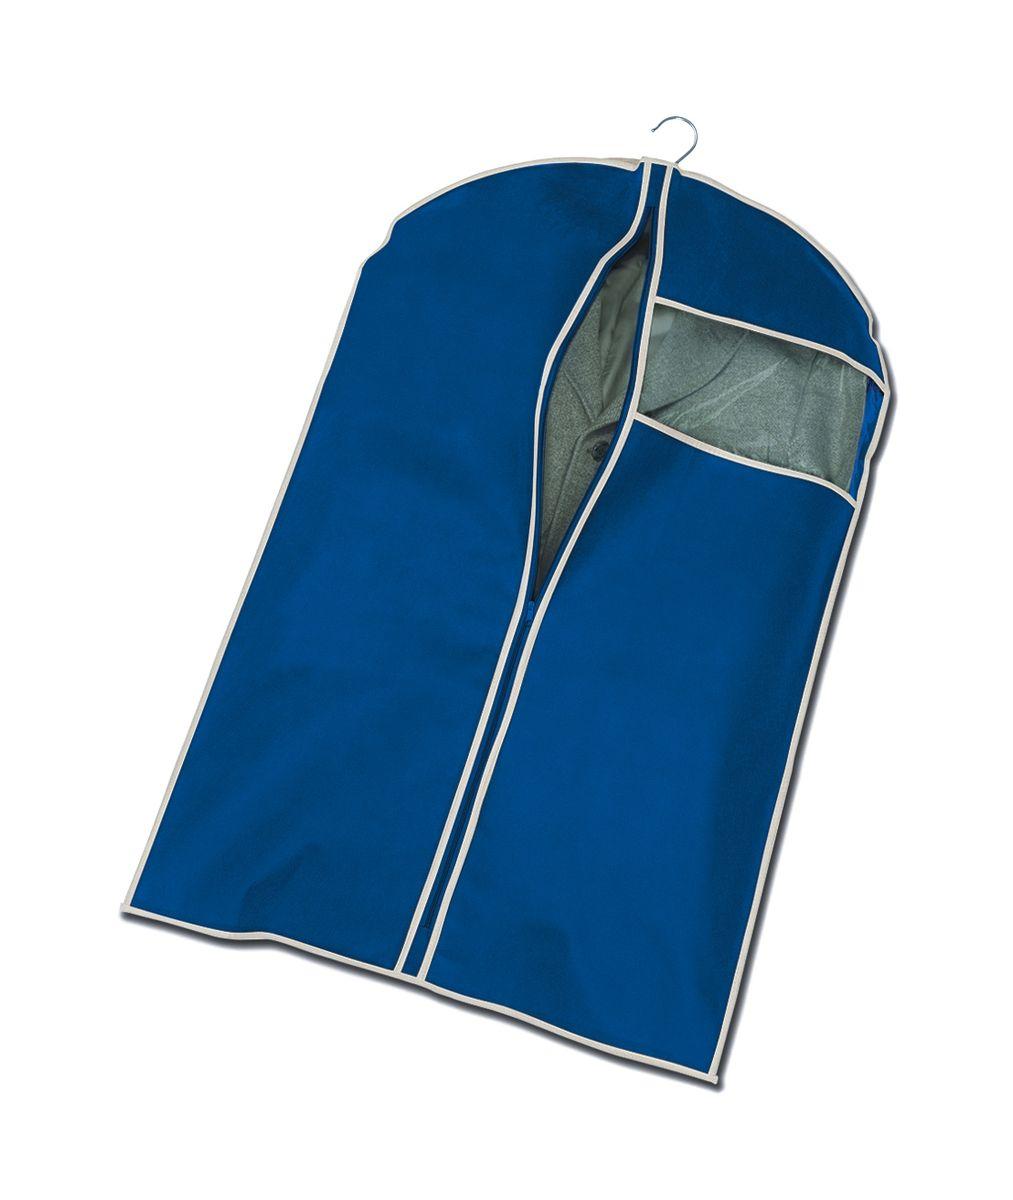 Чехол для пиджака Cosatto, подвесной, цвет: синий, 100 х 60 смС51102Подвесной чехол для пиджака Cosatto изготовлен из высококачественного полипропилена, который обеспечивает естественную вентиляцию, позволяя воздуху проникать внутрь, но не пропускает пыль. Чехол очень удобен в использовании, а благодаря его форме, одежда не мнется даже при длительном хранении. Специальная прозрачная вставка позволяет видеть содержимое внутри чехла, не открывая его. Изделие легко открывается и закрывается застежкой-молнией.Чехол для пиджака будет очень полезен при транспортировке вещей на близкие и дальние расстояния, при длительном хранении сезонной одежды, а также при ежедневном хранении вещей из деликатных тканей.